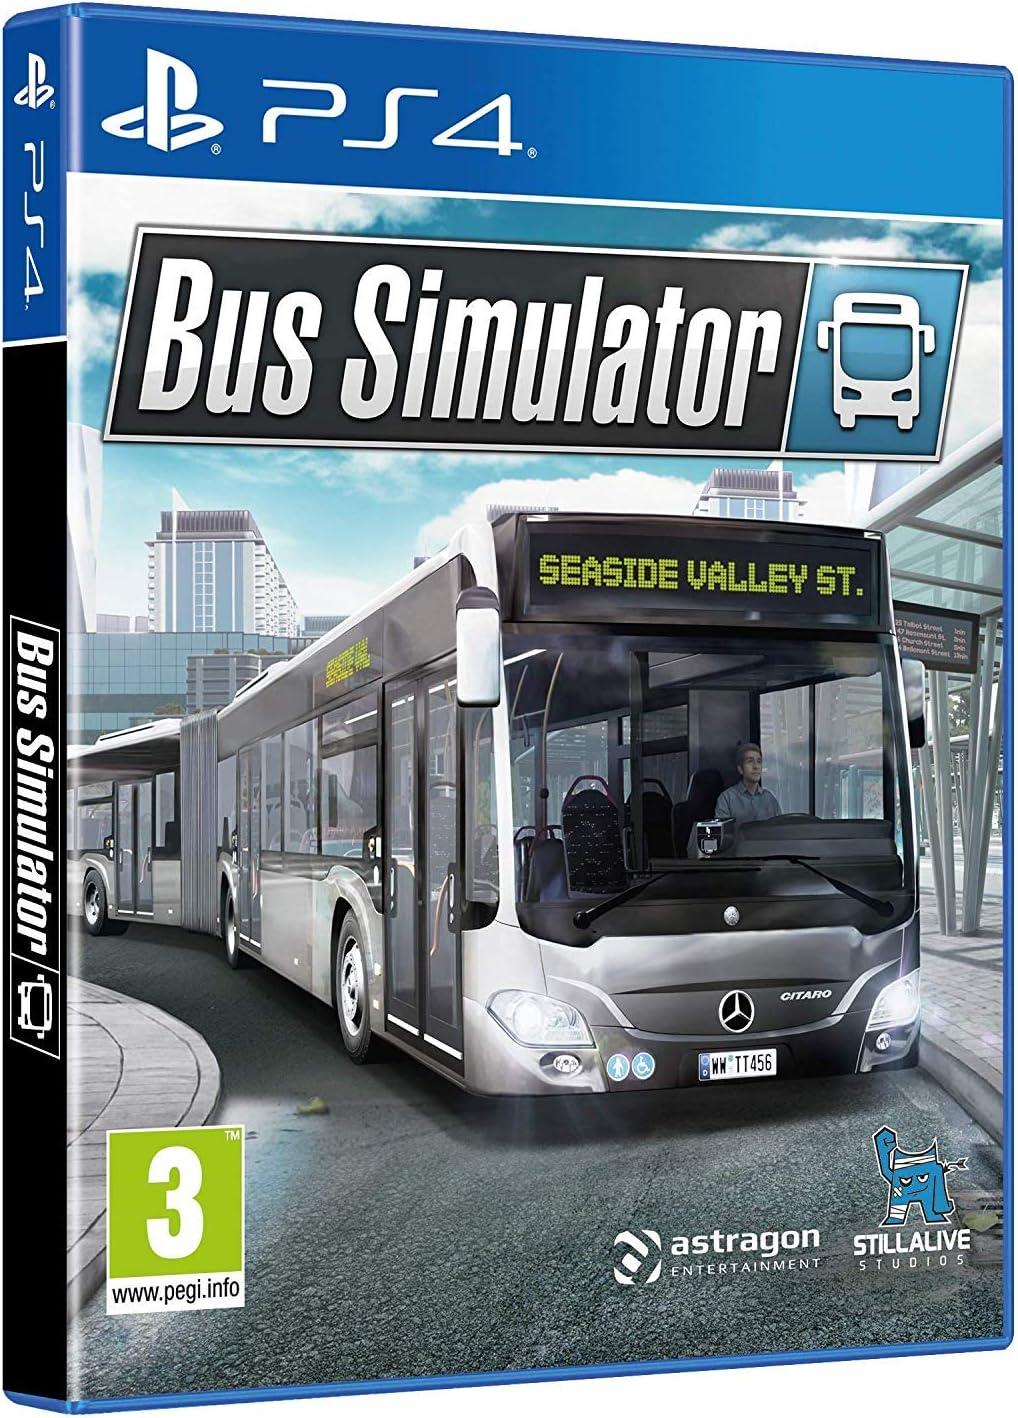 バス シミュレーター ps4 Bus Simulator - PlayStation